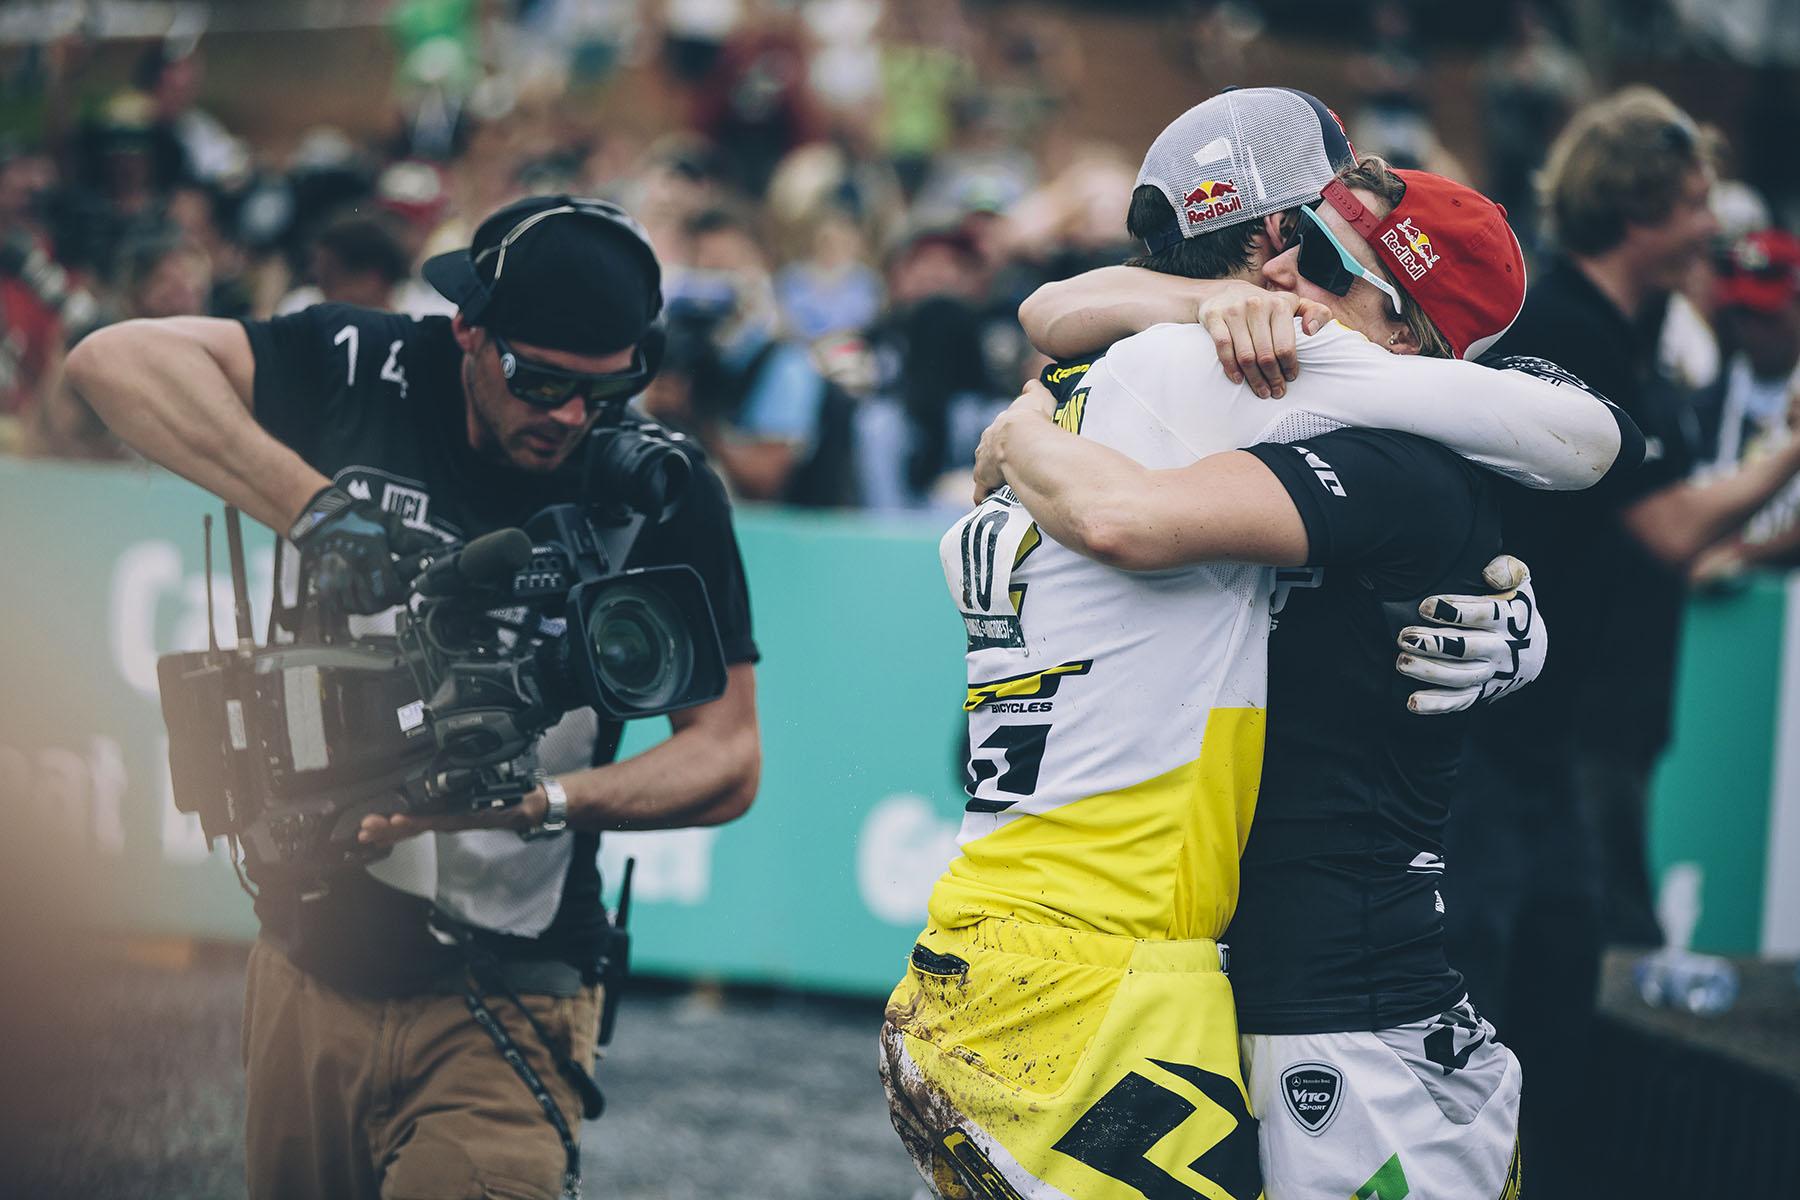 Und nachdem Blenkinsop ziemlich weit zurück fiel, war klar, dass Gee das Rennen gewonnen hatte. Seine Schwester kam zum gratulieren herbei gestürzt! Doppelsieg für die Athertons!